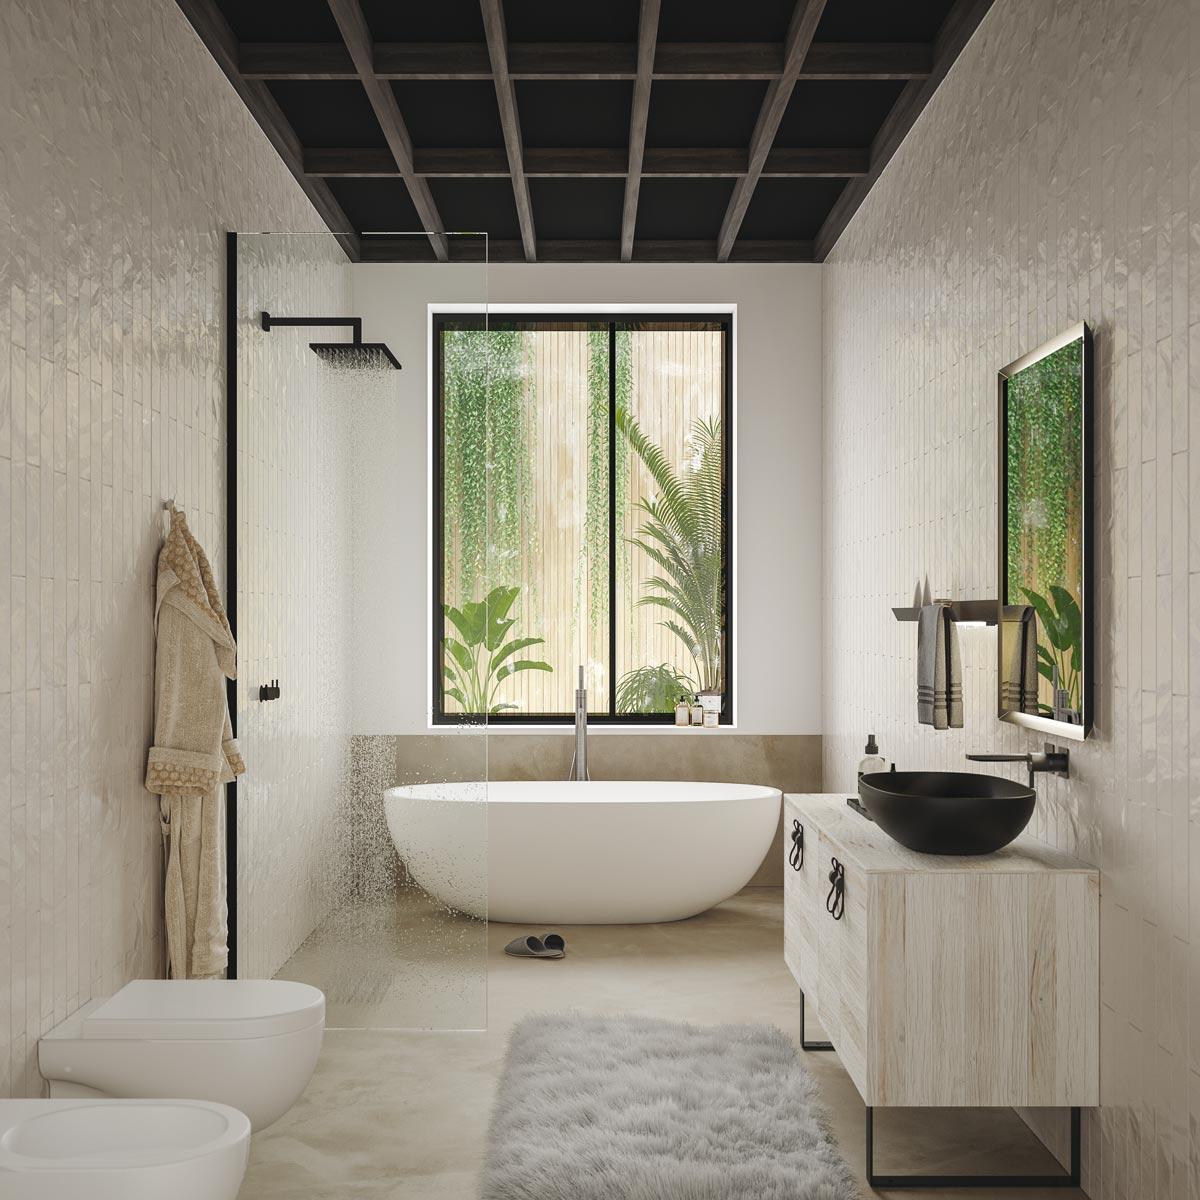 Armadietto Bagno Moderno mobile bagno moderno con lavabo a terra – castagno saponato con piedi in  metallo nero opaco